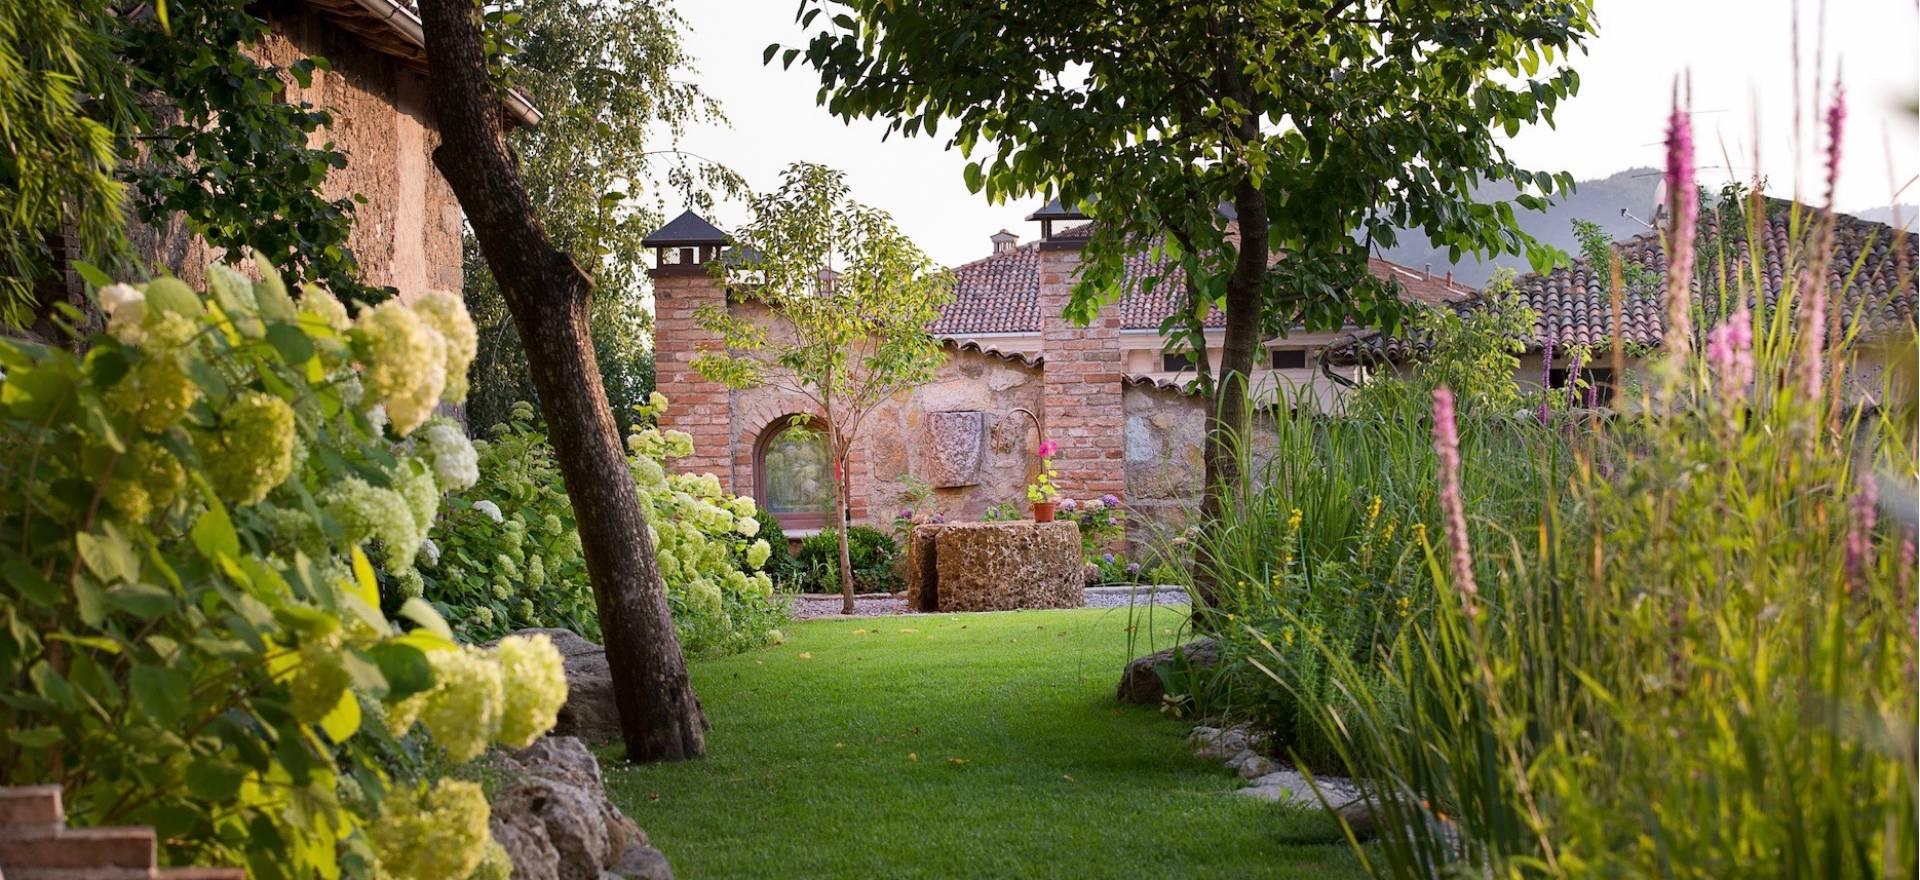 Agriturismo Lago di Como e lago di Garda Hotel di campagna lago di Garda, lussuosa oasi di pace